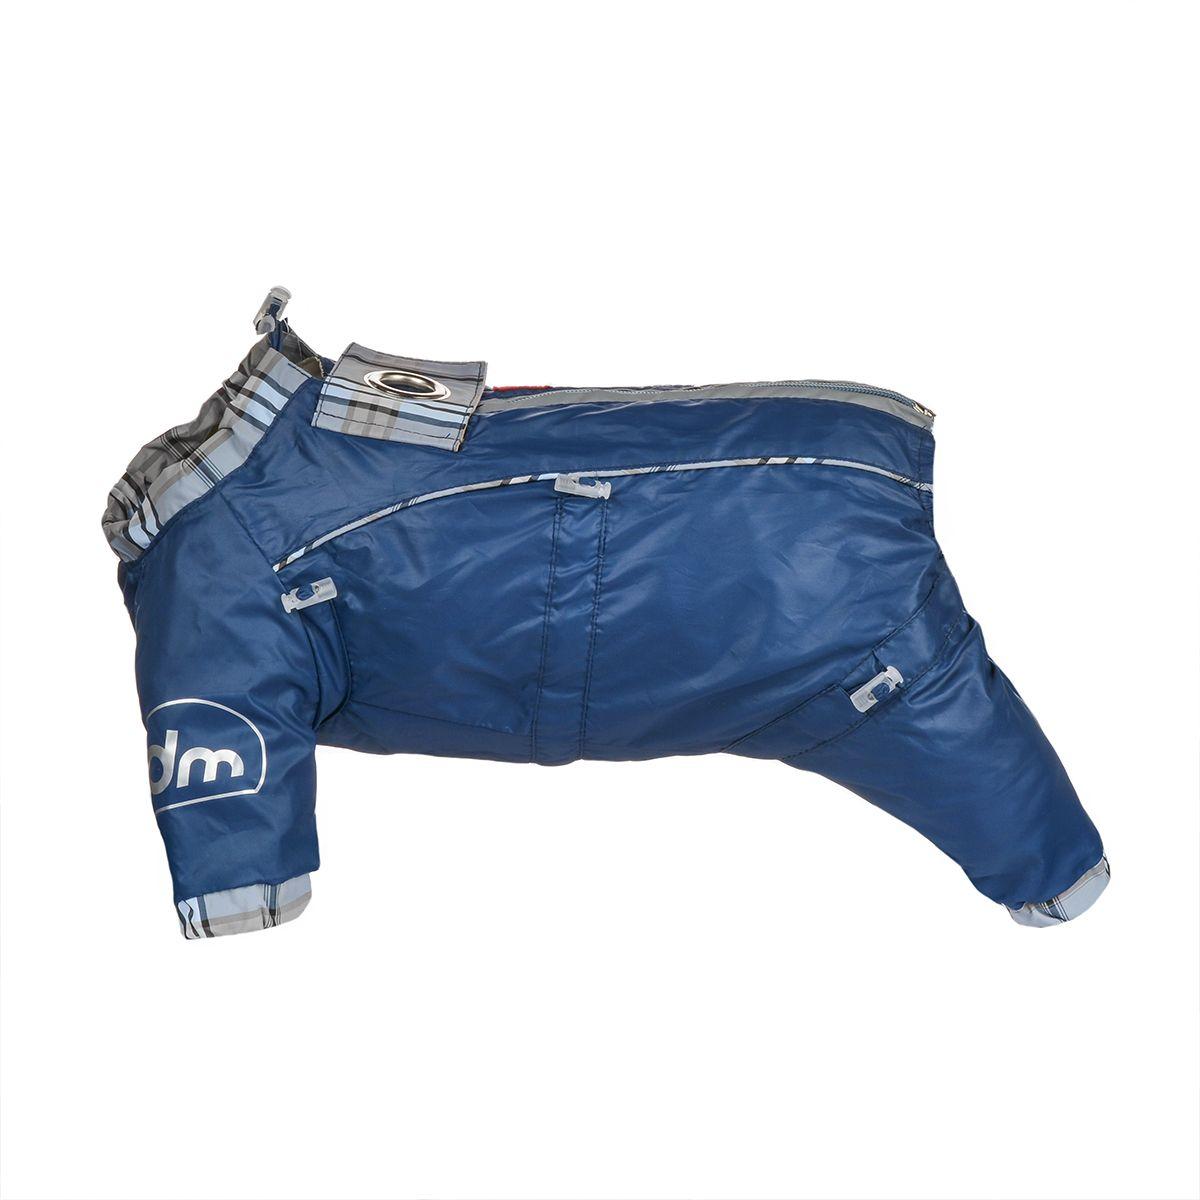 Комбинезон для собак Dogmoda Doggs, для мальчика, цвет: темно-синий. Размер SDM-140514Комбинезон для собак Dogmoda Doggs отлично подойдет для прогулок в ветреную погоду.Комбинезон изготовлен из полиэстера, защищающего от ветра и осадков, с подкладкой из вискозы, которая обеспечит отличный воздухообмен. Комбинезон застегивается на молнию и липучку, благодаря чему его легко надевать и снимать. Молния снабжена светоотражающими элементами. Низ рукавов и брючин оснащен внутренними резинками, которые мягко обхватывают лапки, не позволяя просачиваться холодному воздуху. На вороте, пояснице и лапках комбинезон затягивается на шнурок-кулиску с затяжкой. Модель снабжена непромокаемым карманом для размещения записки с информацией о вашем питомце, на случай если он потеряется.Благодаря такому комбинезону простуда не грозит вашему питомцу и он не даст любимцу продрогнуть на прогулке.